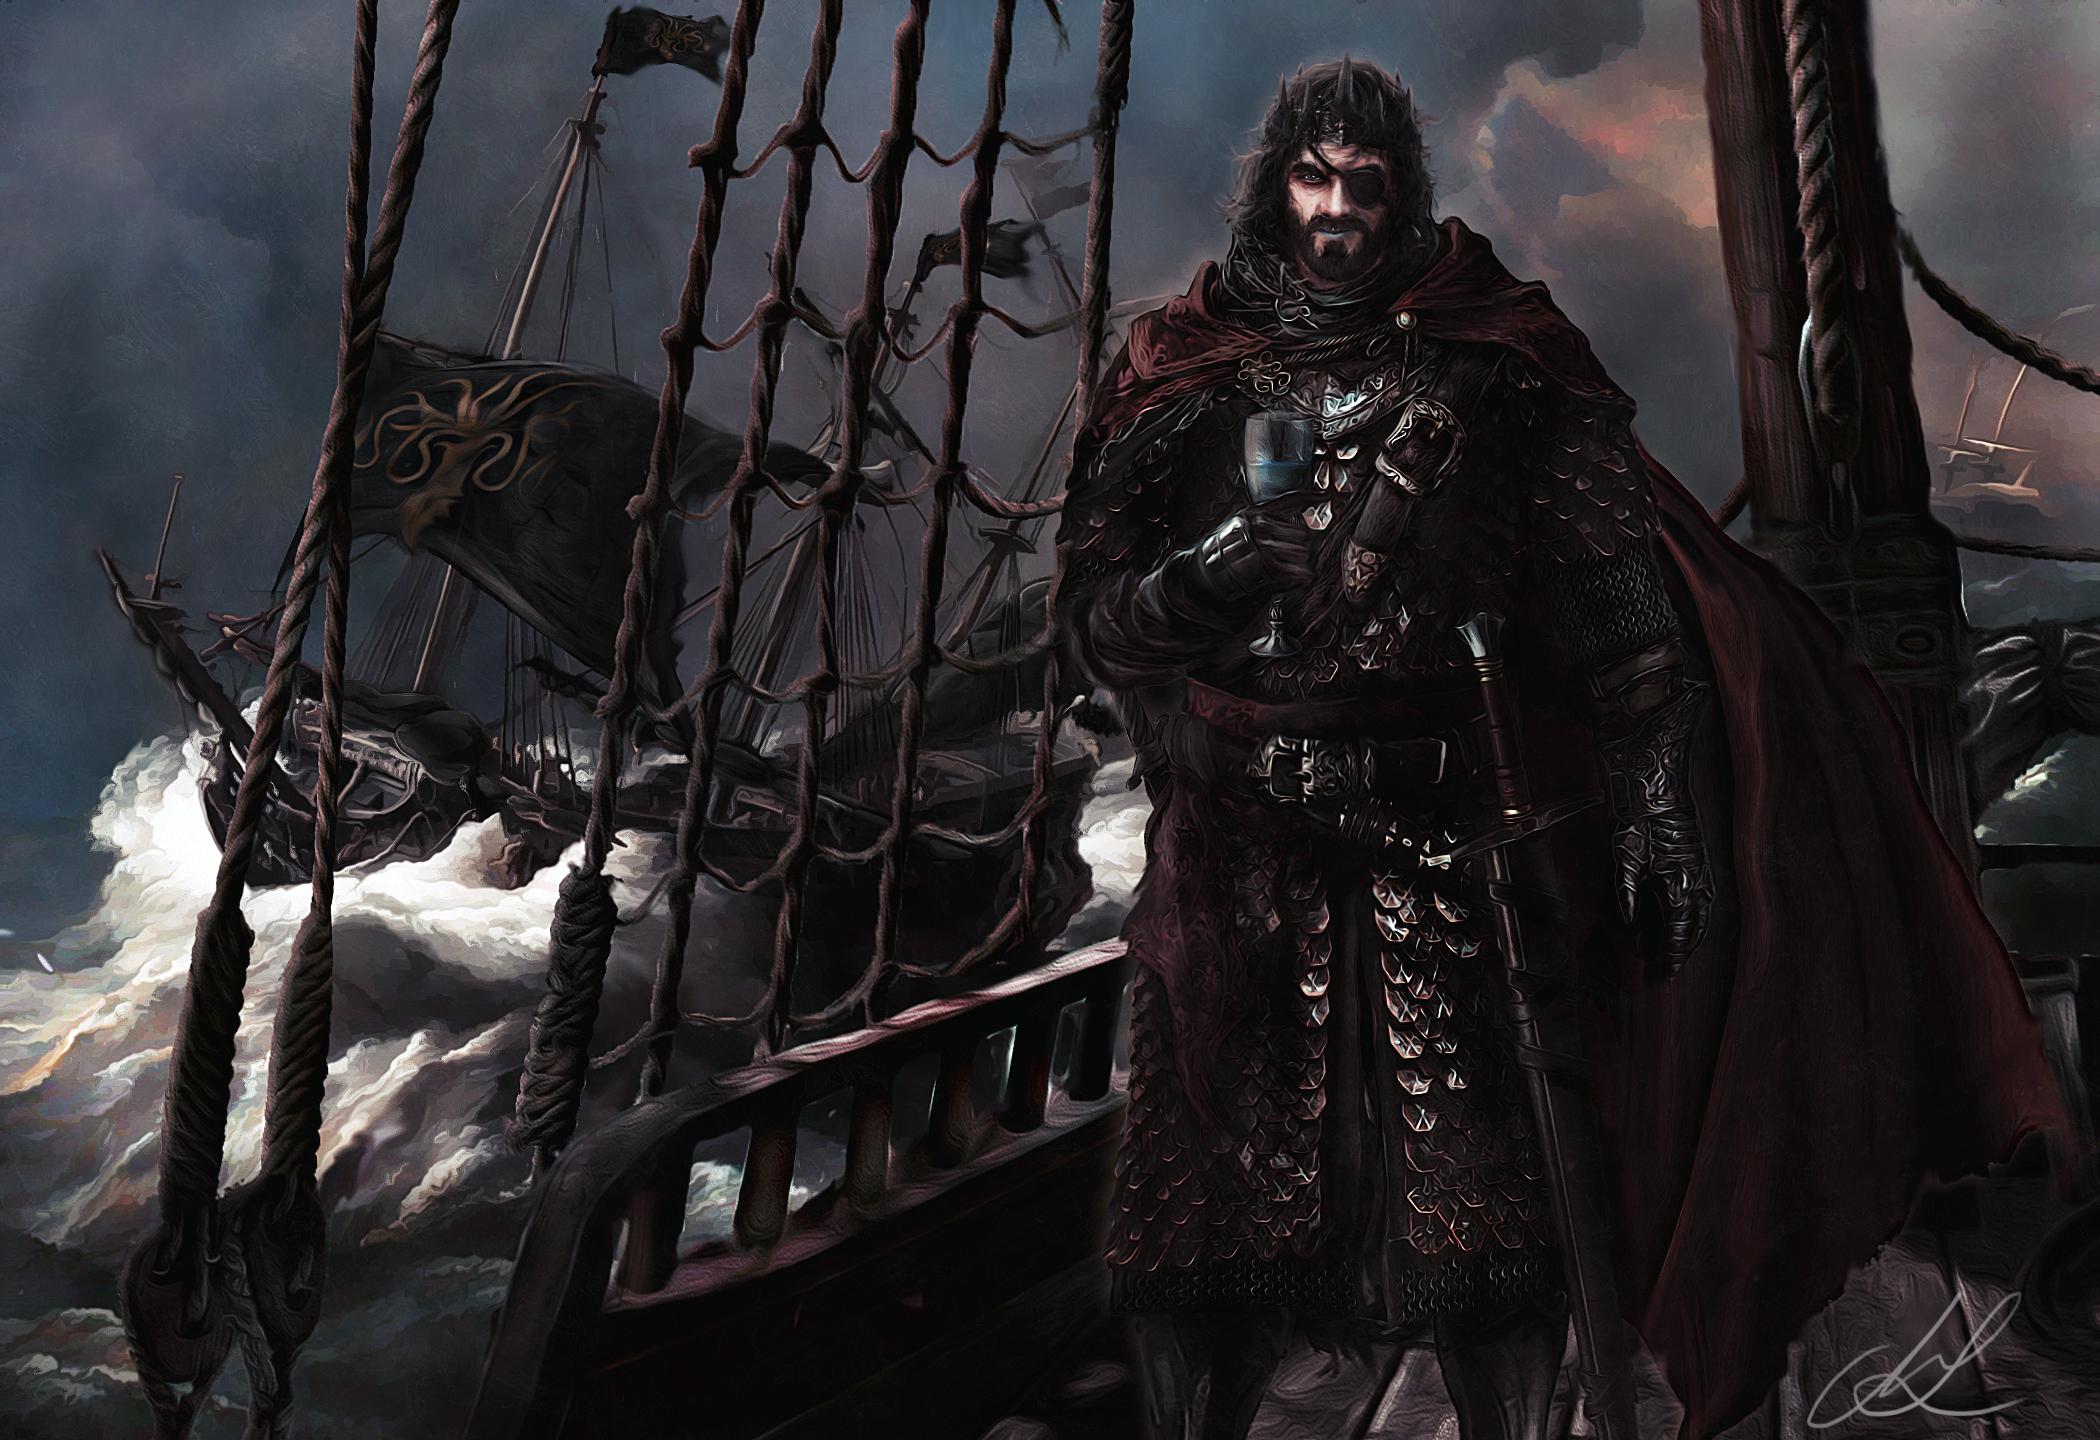 King Euron Greyjoy by Mike-Hallstein on DeviantArt